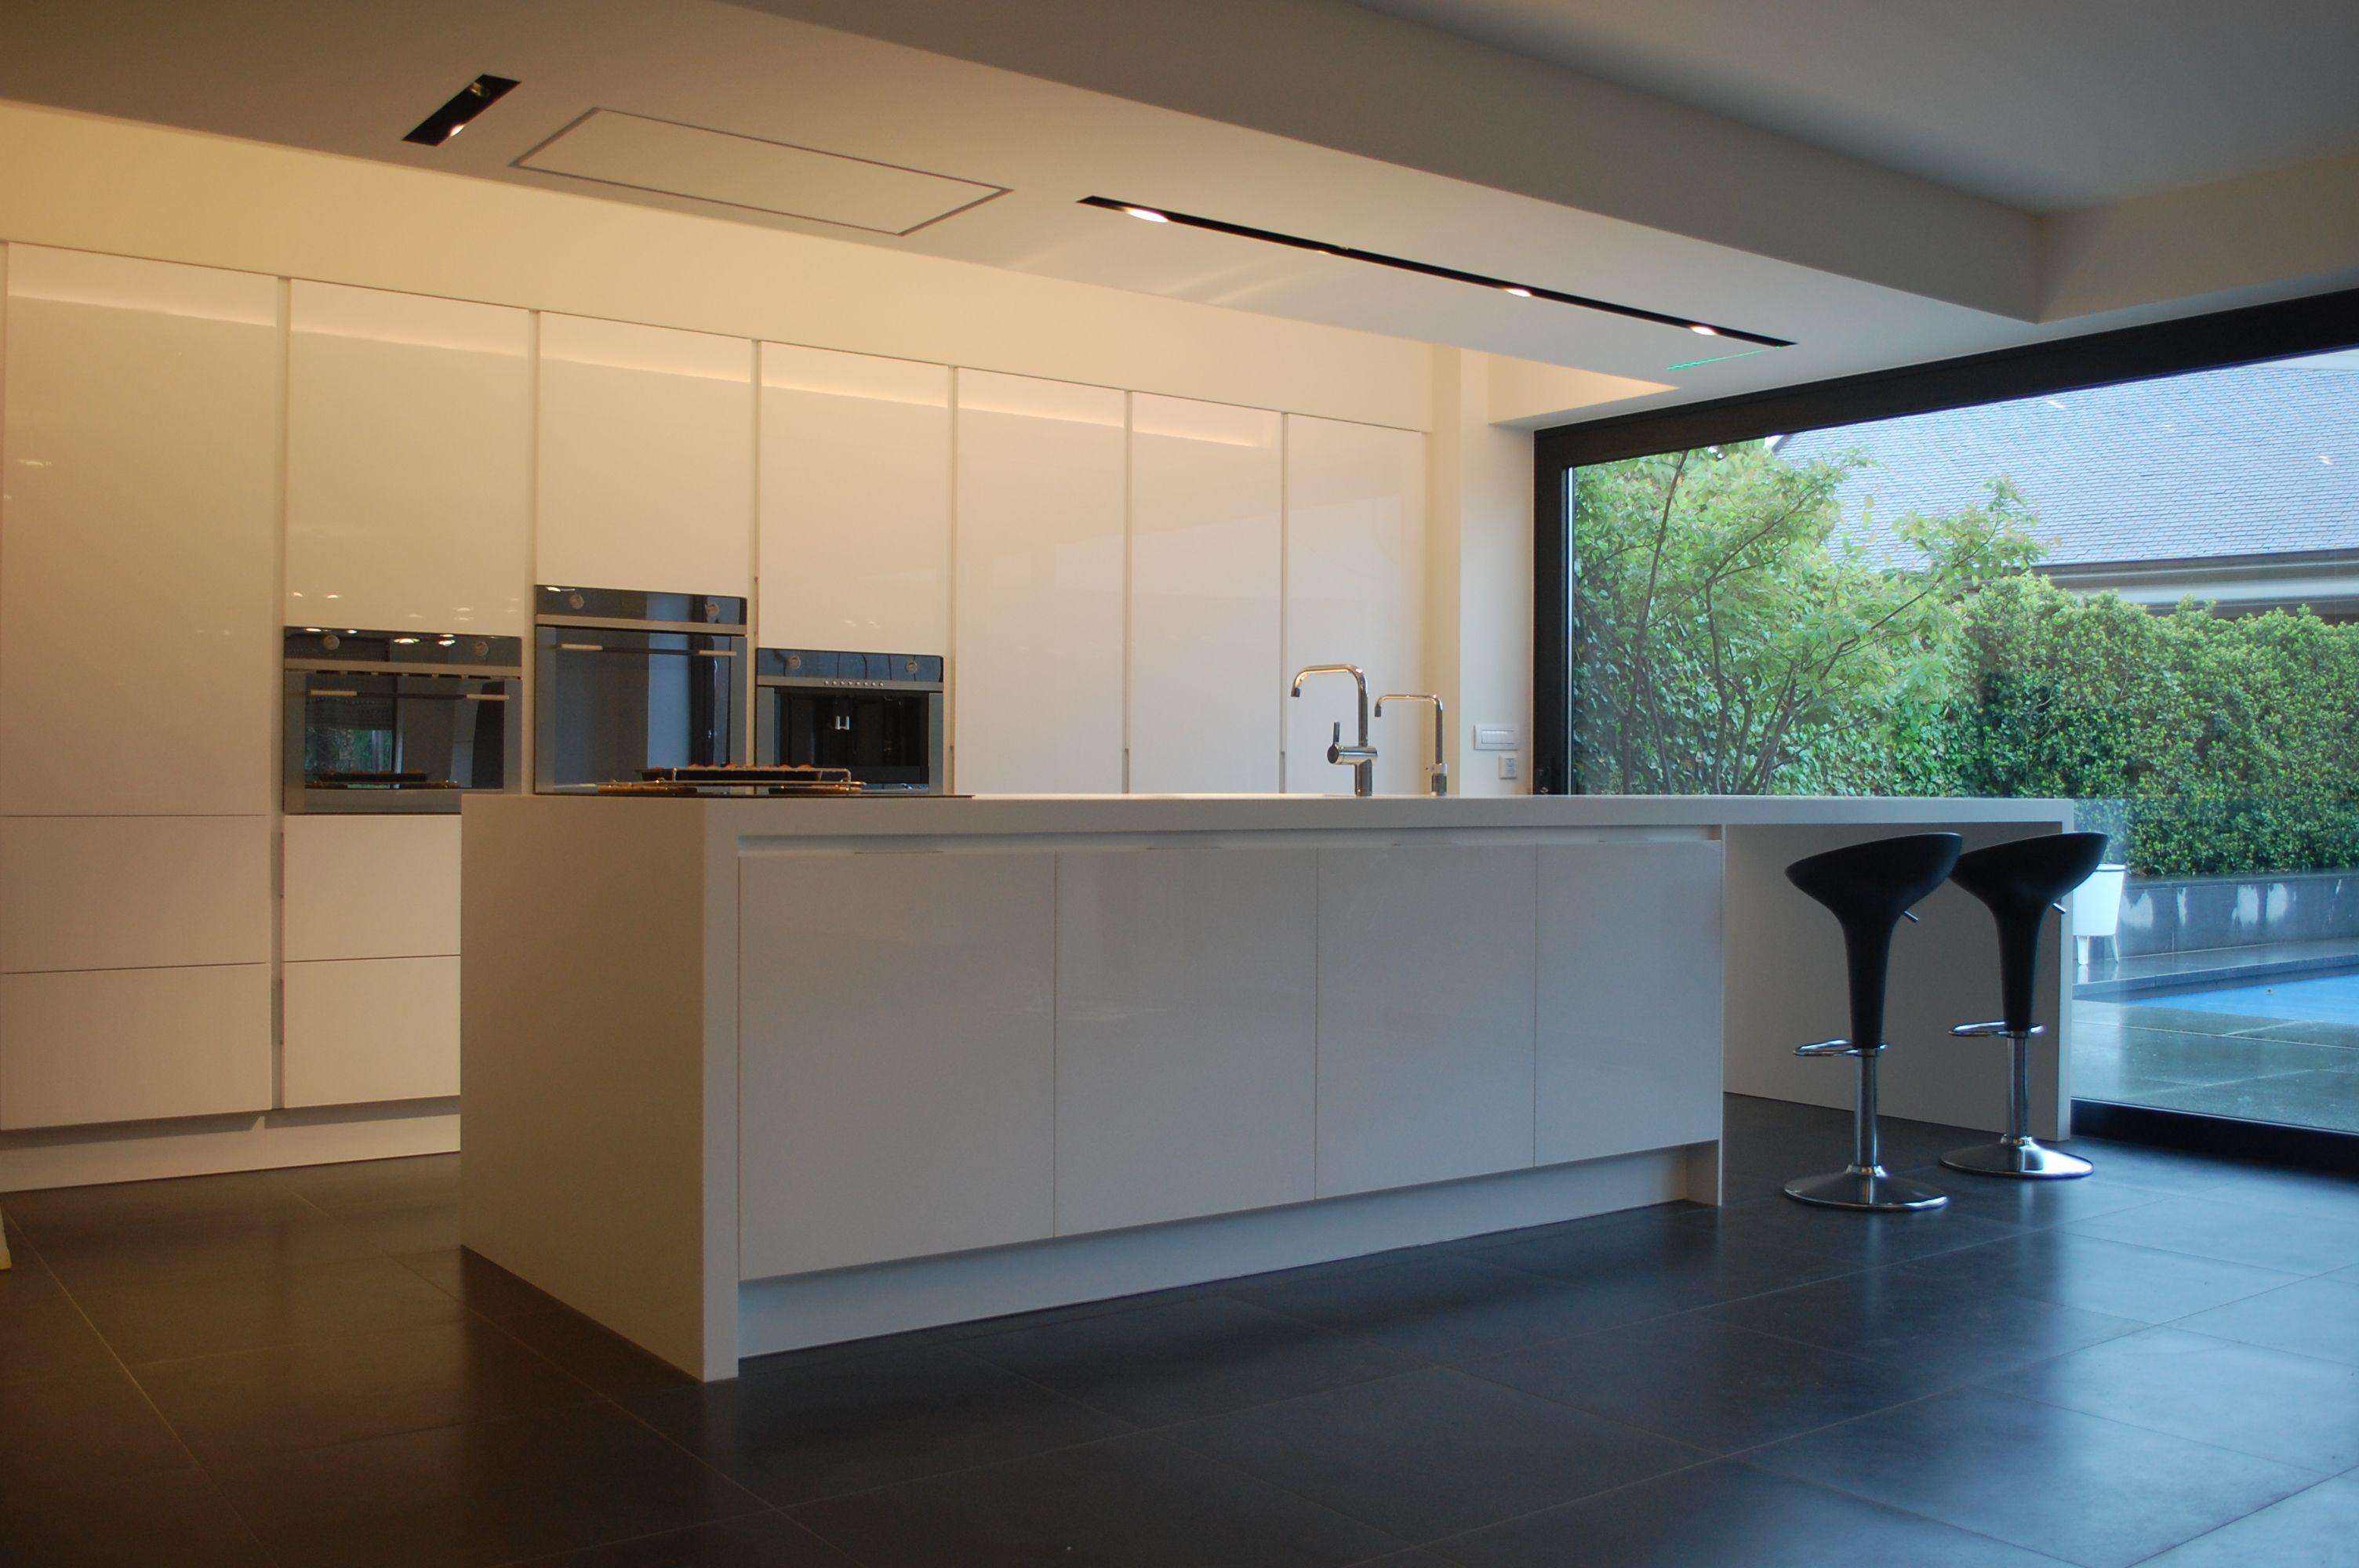 Design Keukens Antwerpen : Project studio italiaanse design keukens comprex antwerpen